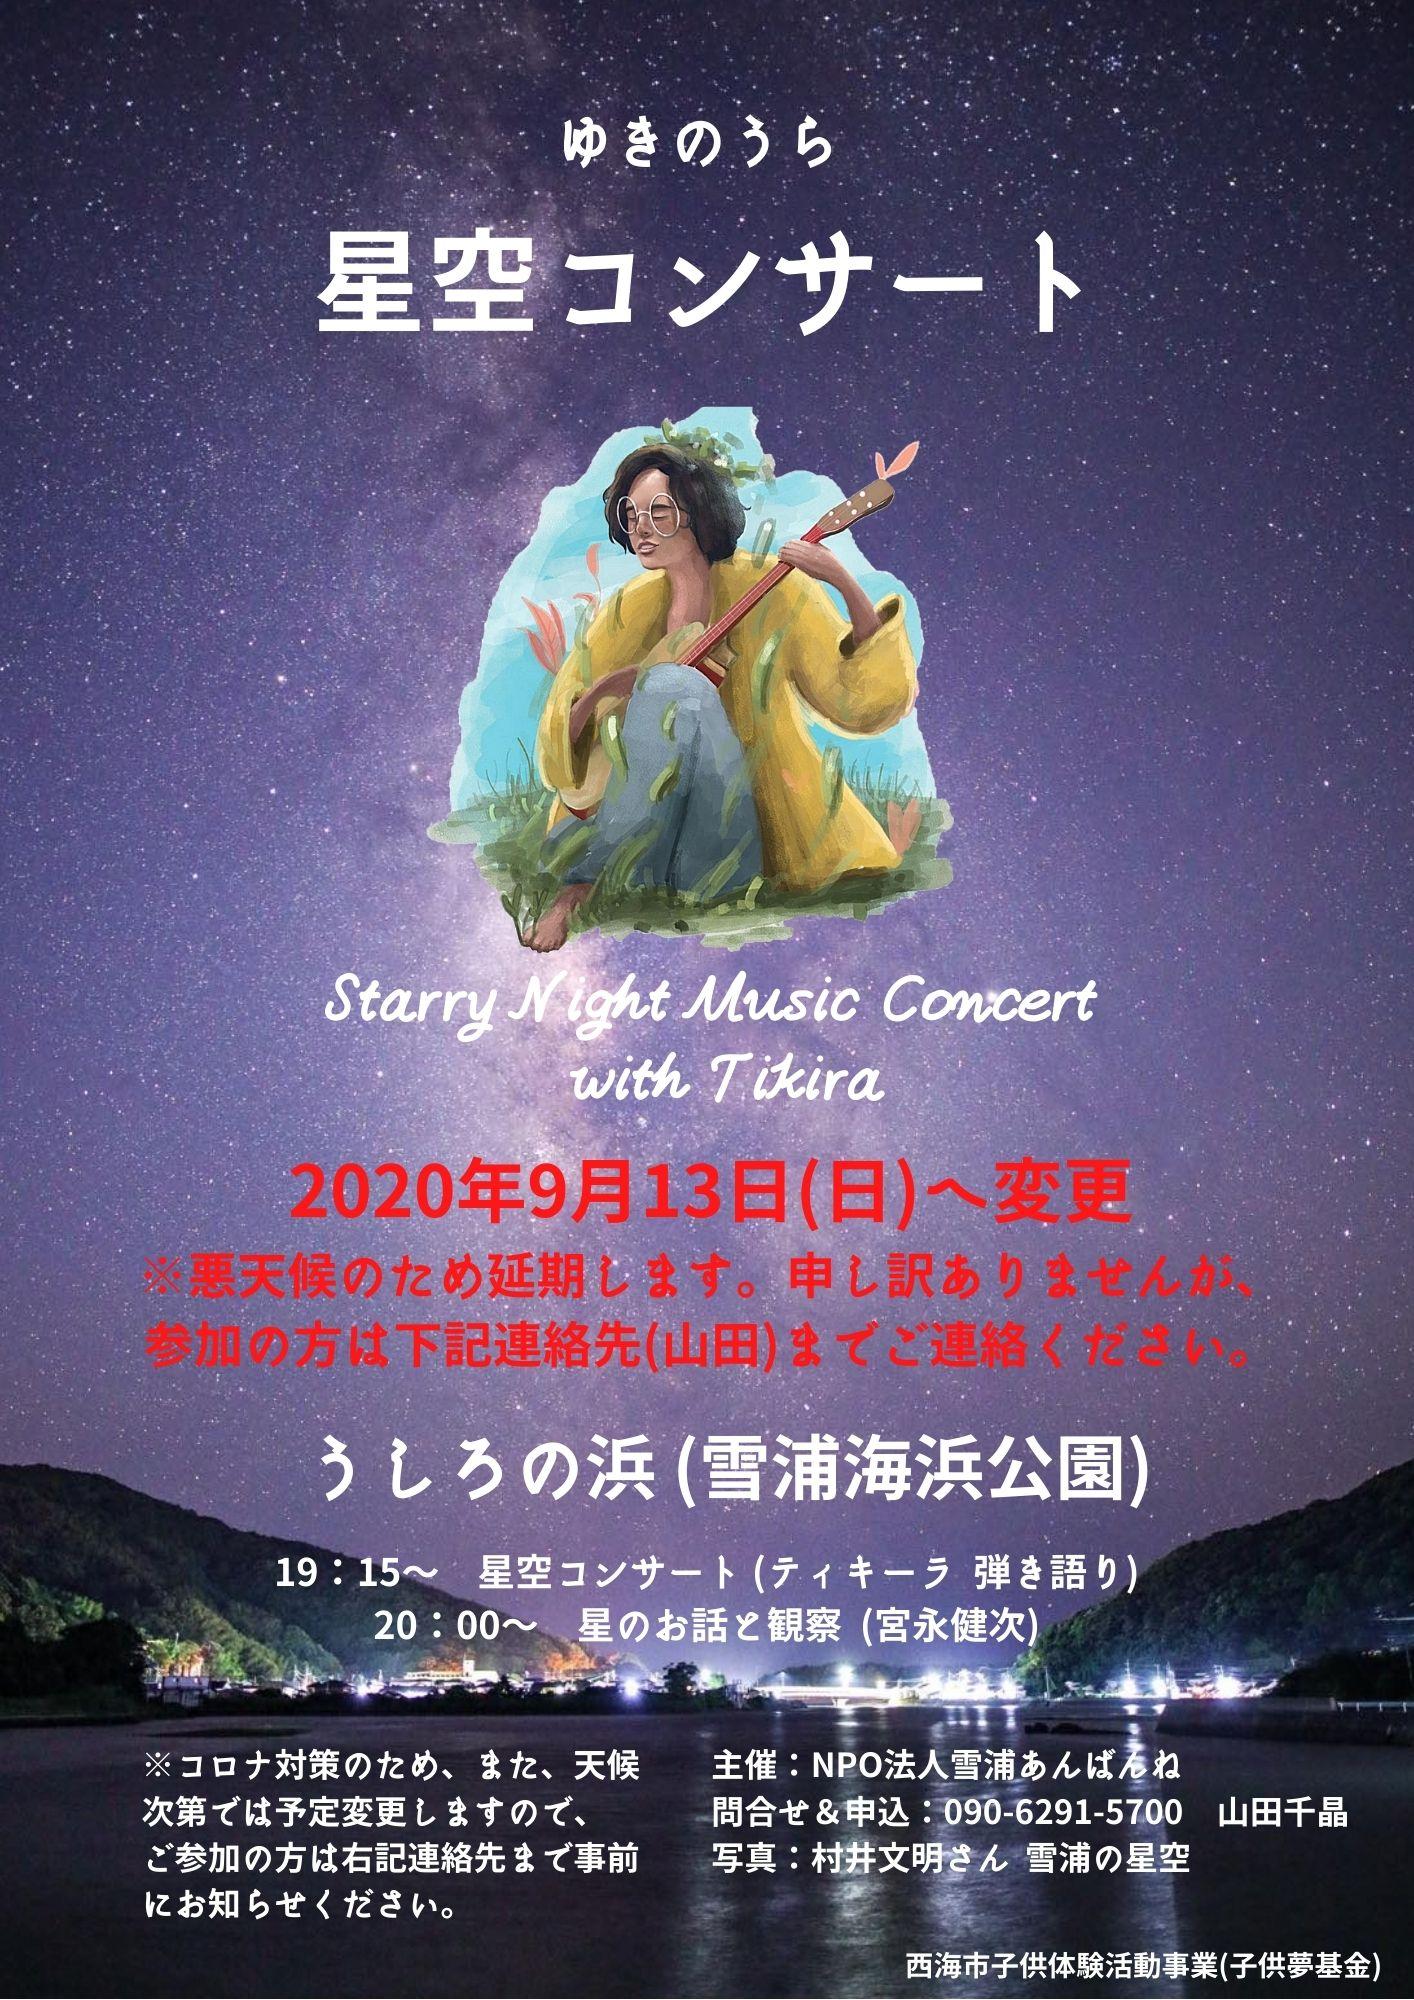 ゆきのうら星空コンサート2の日程変更のお知らせです!!